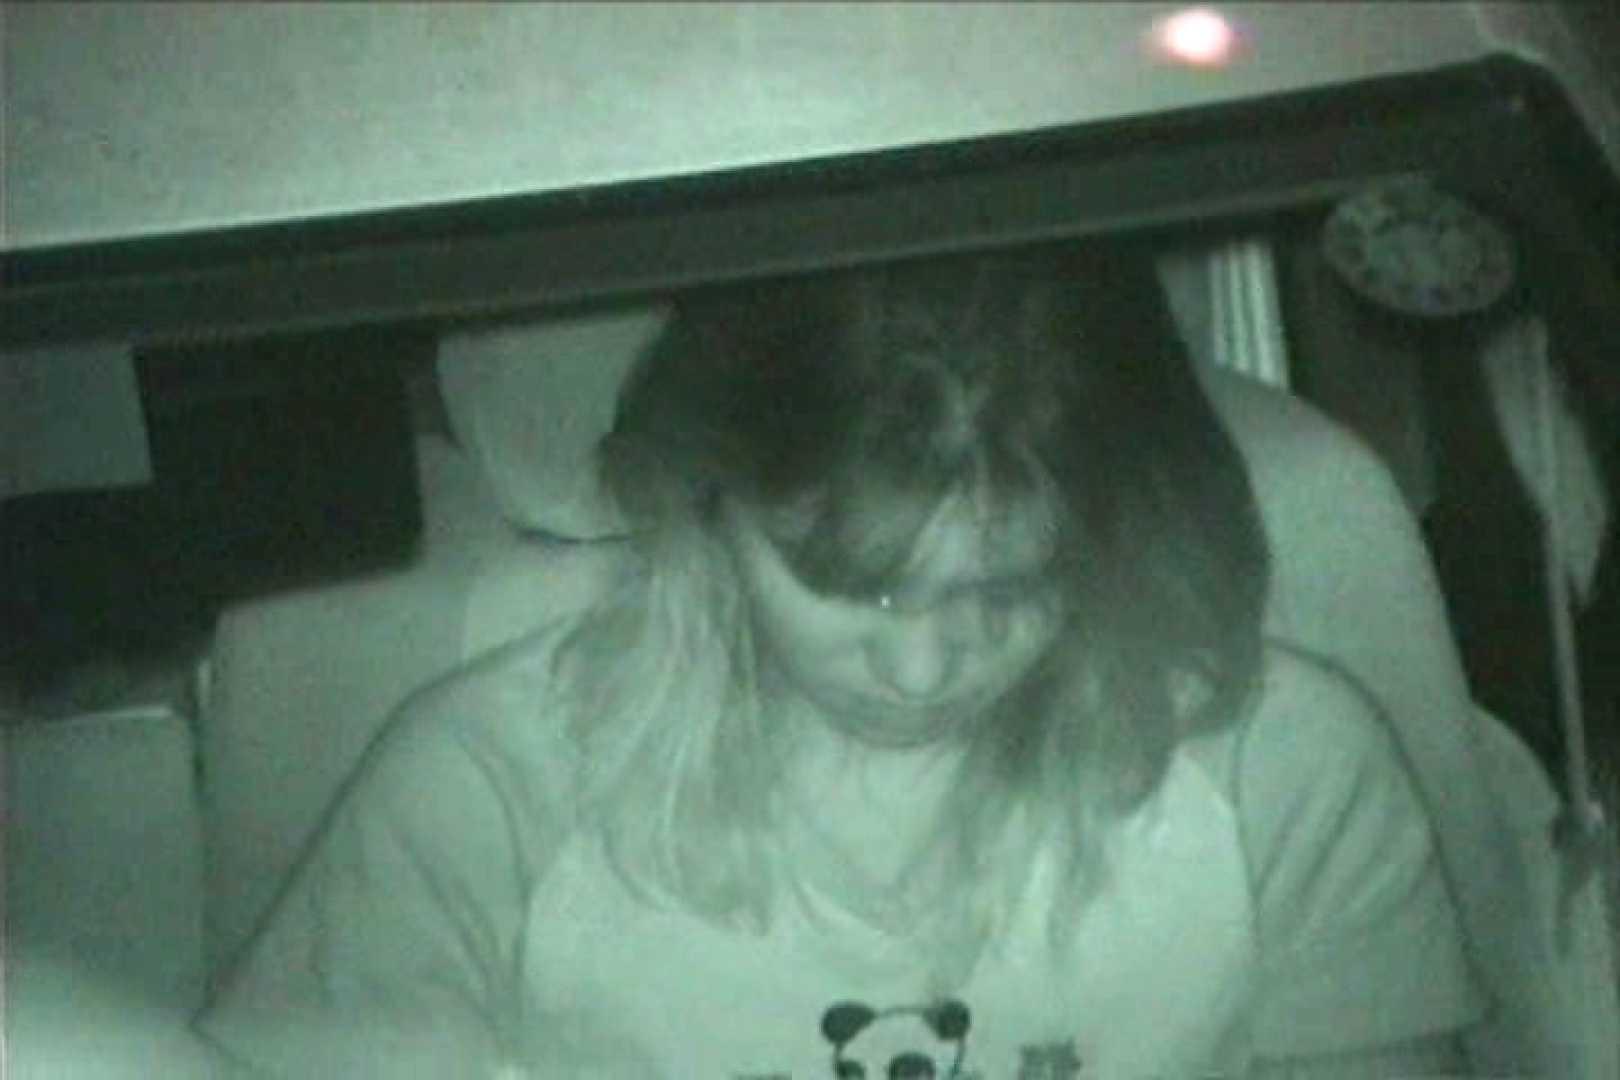 車の中はラブホテル 無修正版  Vol.25 ラブホテル 盗撮おまんこ無修正動画無料 40pic 9